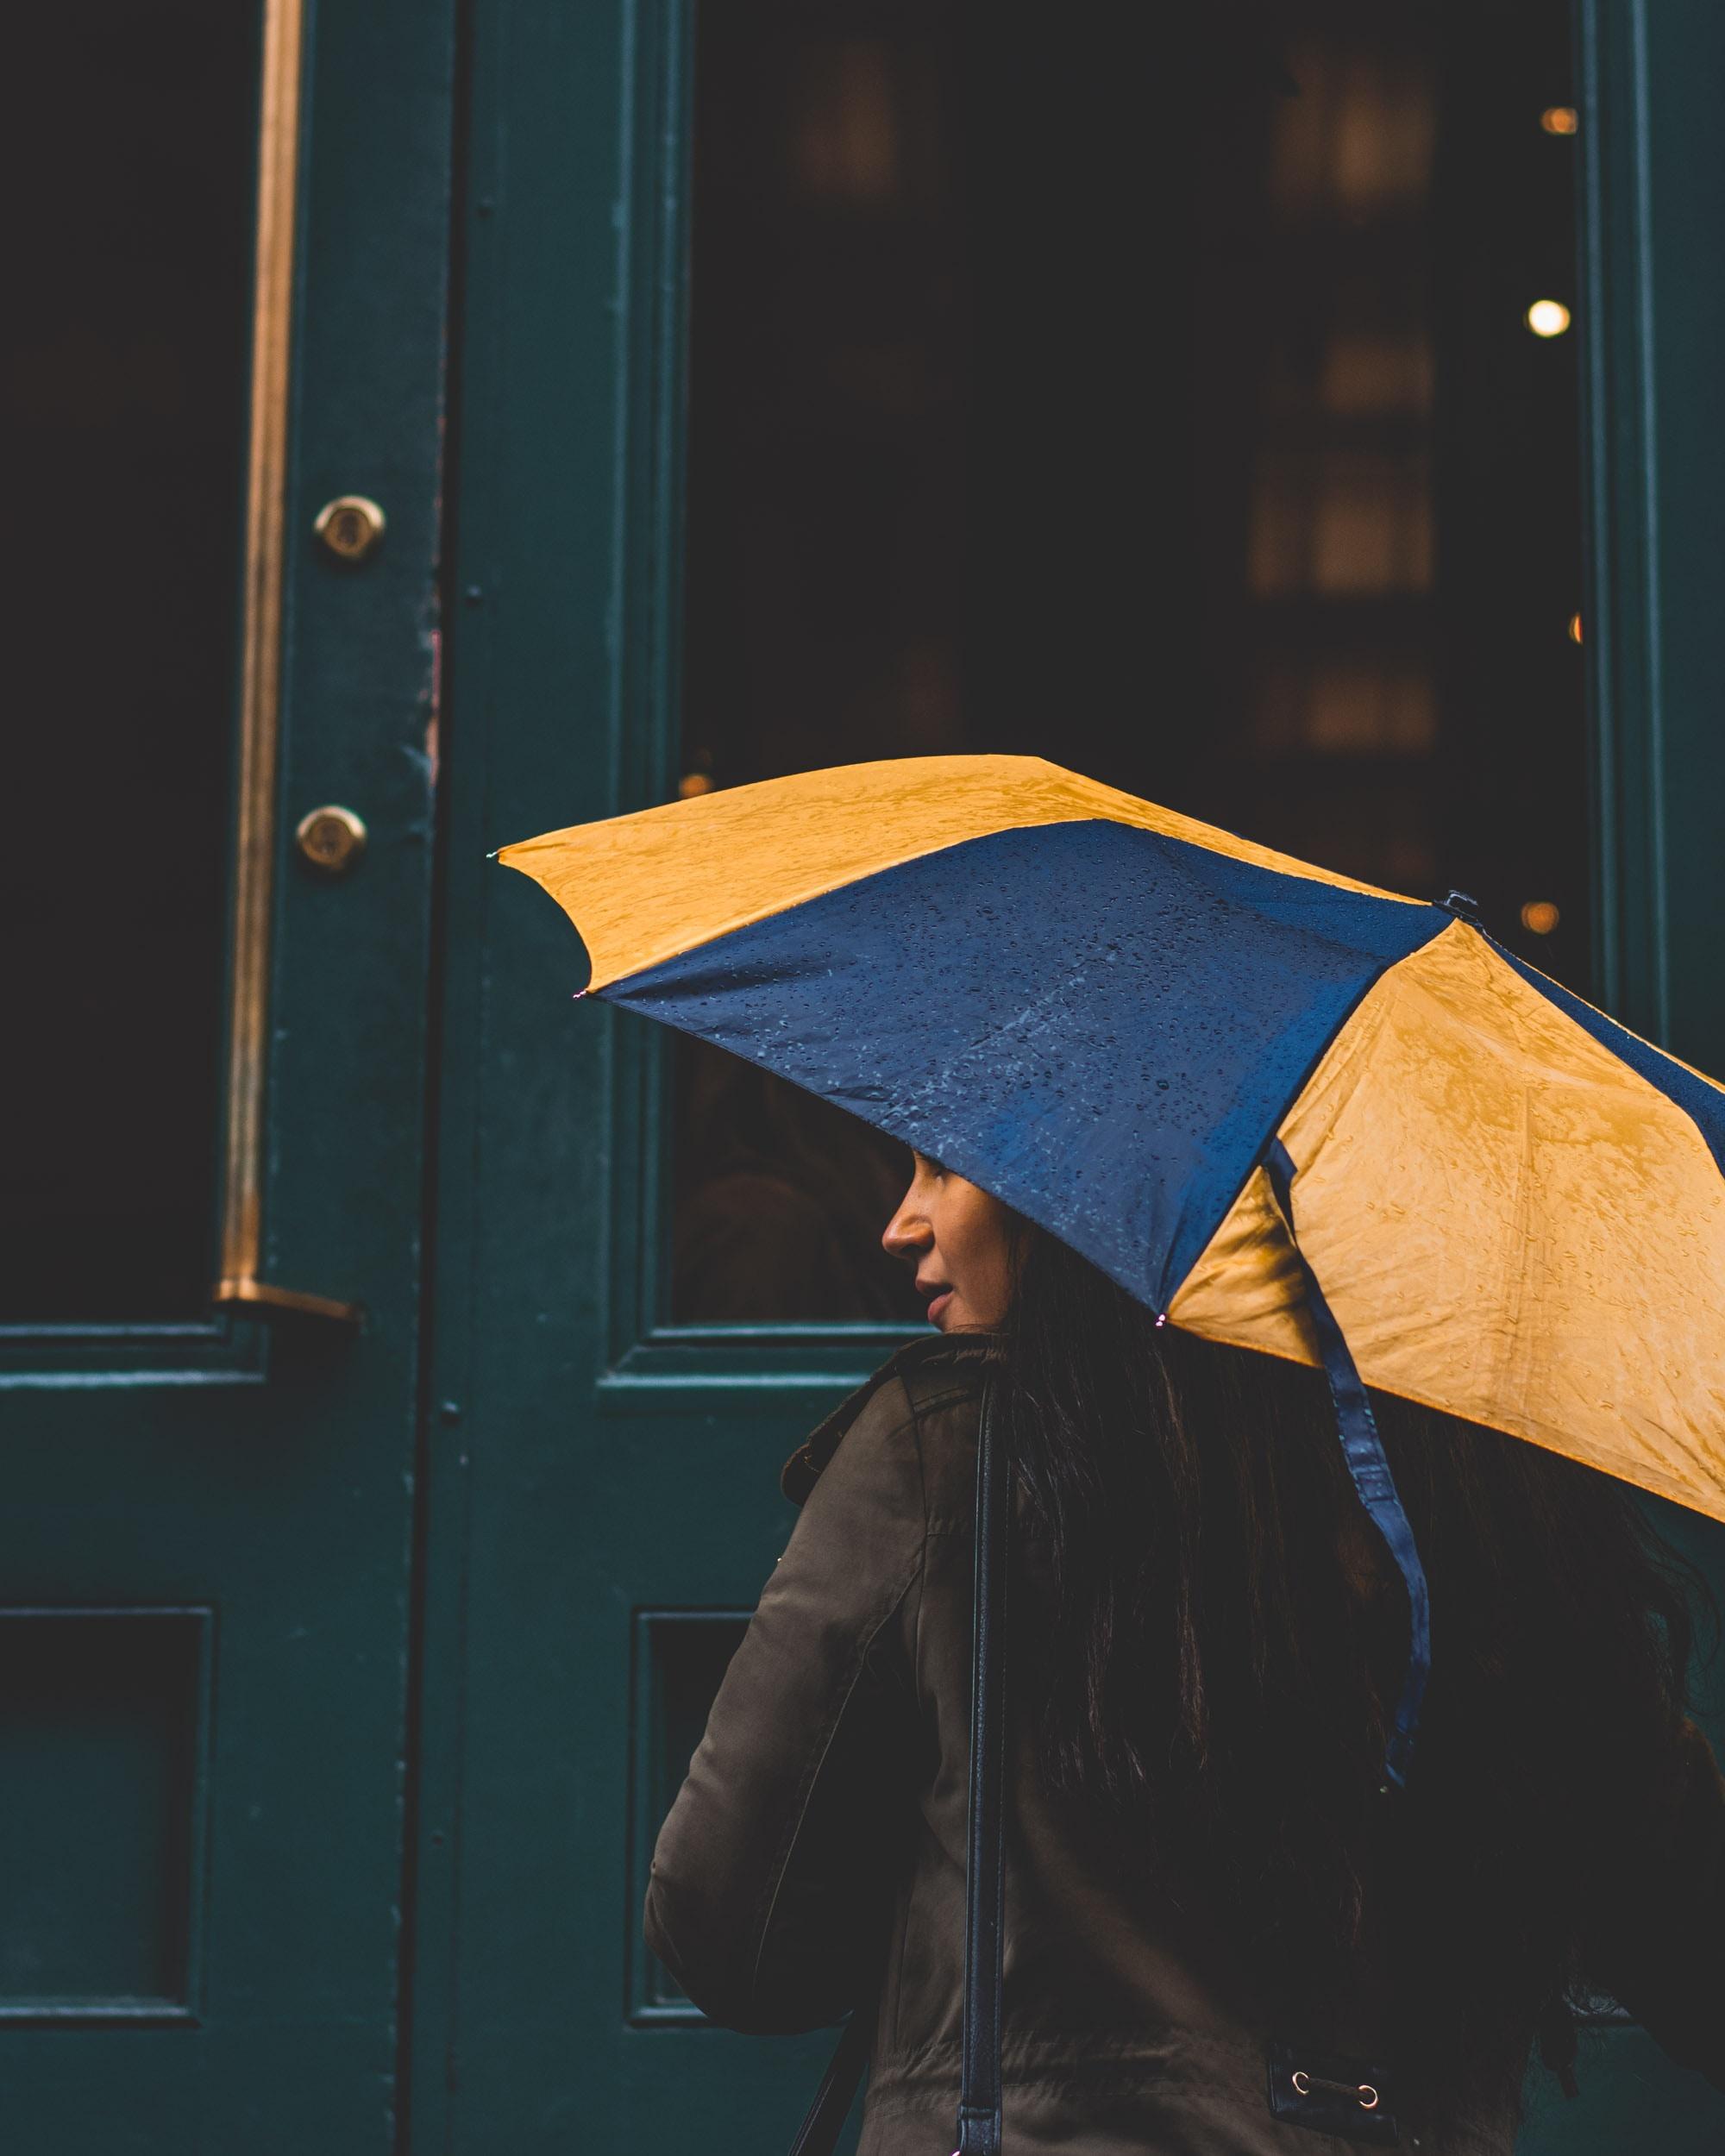 woman under yellow and blue umbrella beside green wooden door